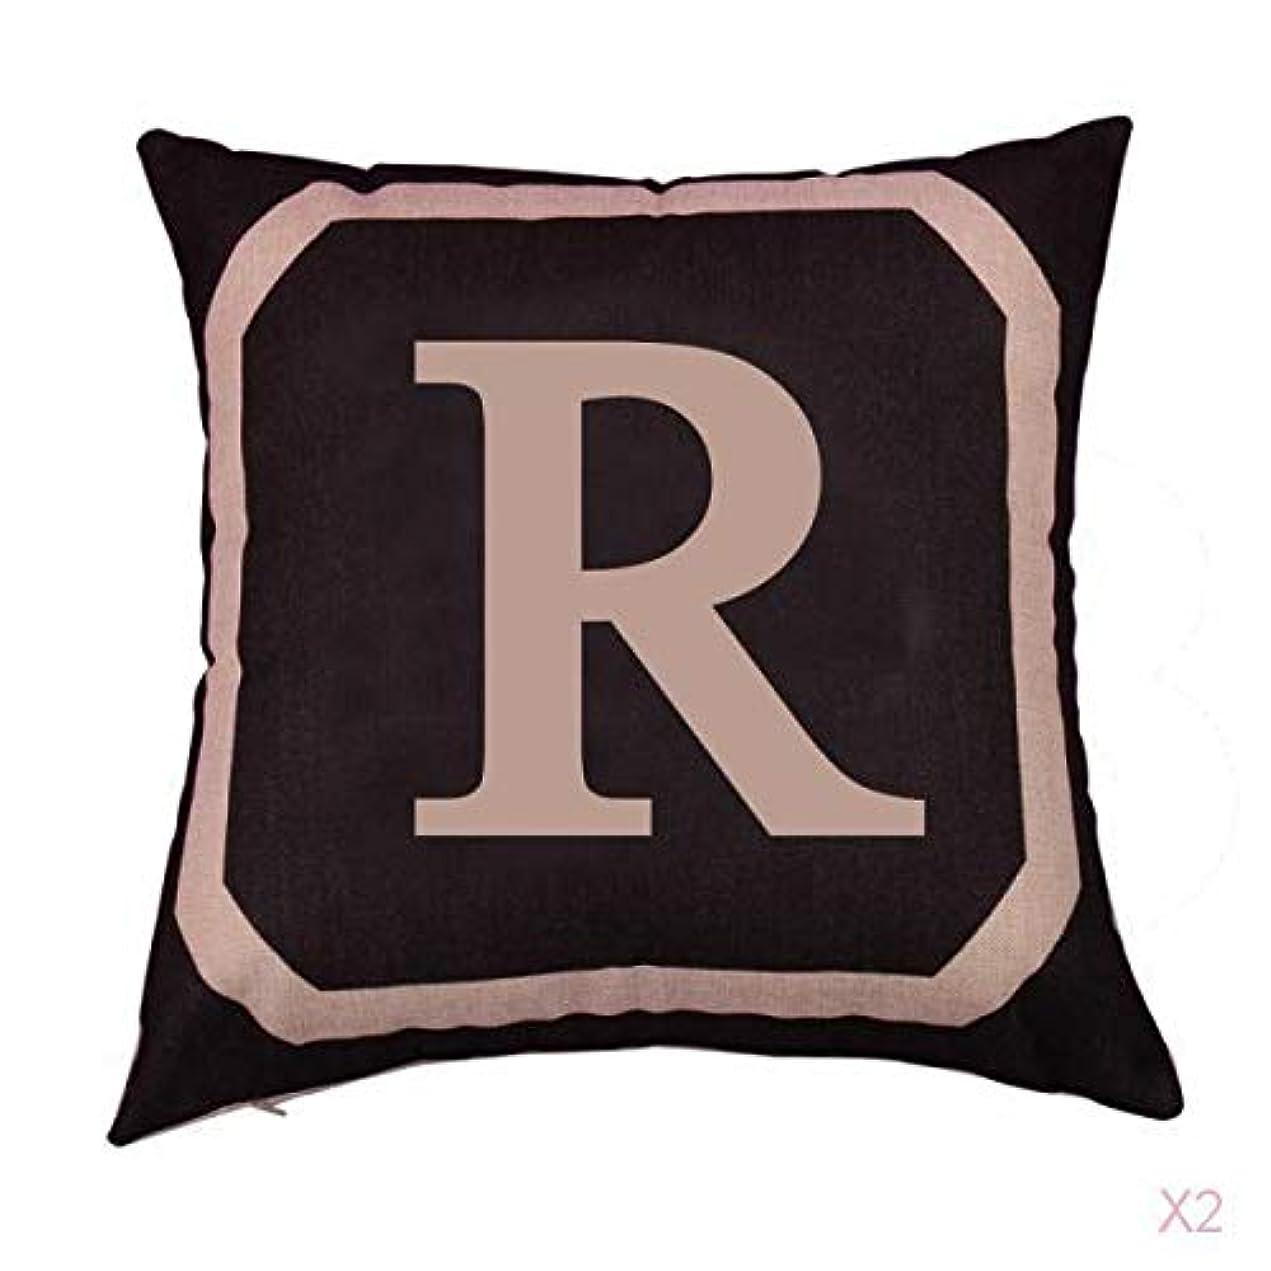 名誉スカウト逃す正方形の綿のリネンスローピローケース腰クッションカバーベッドソファ装飾rを